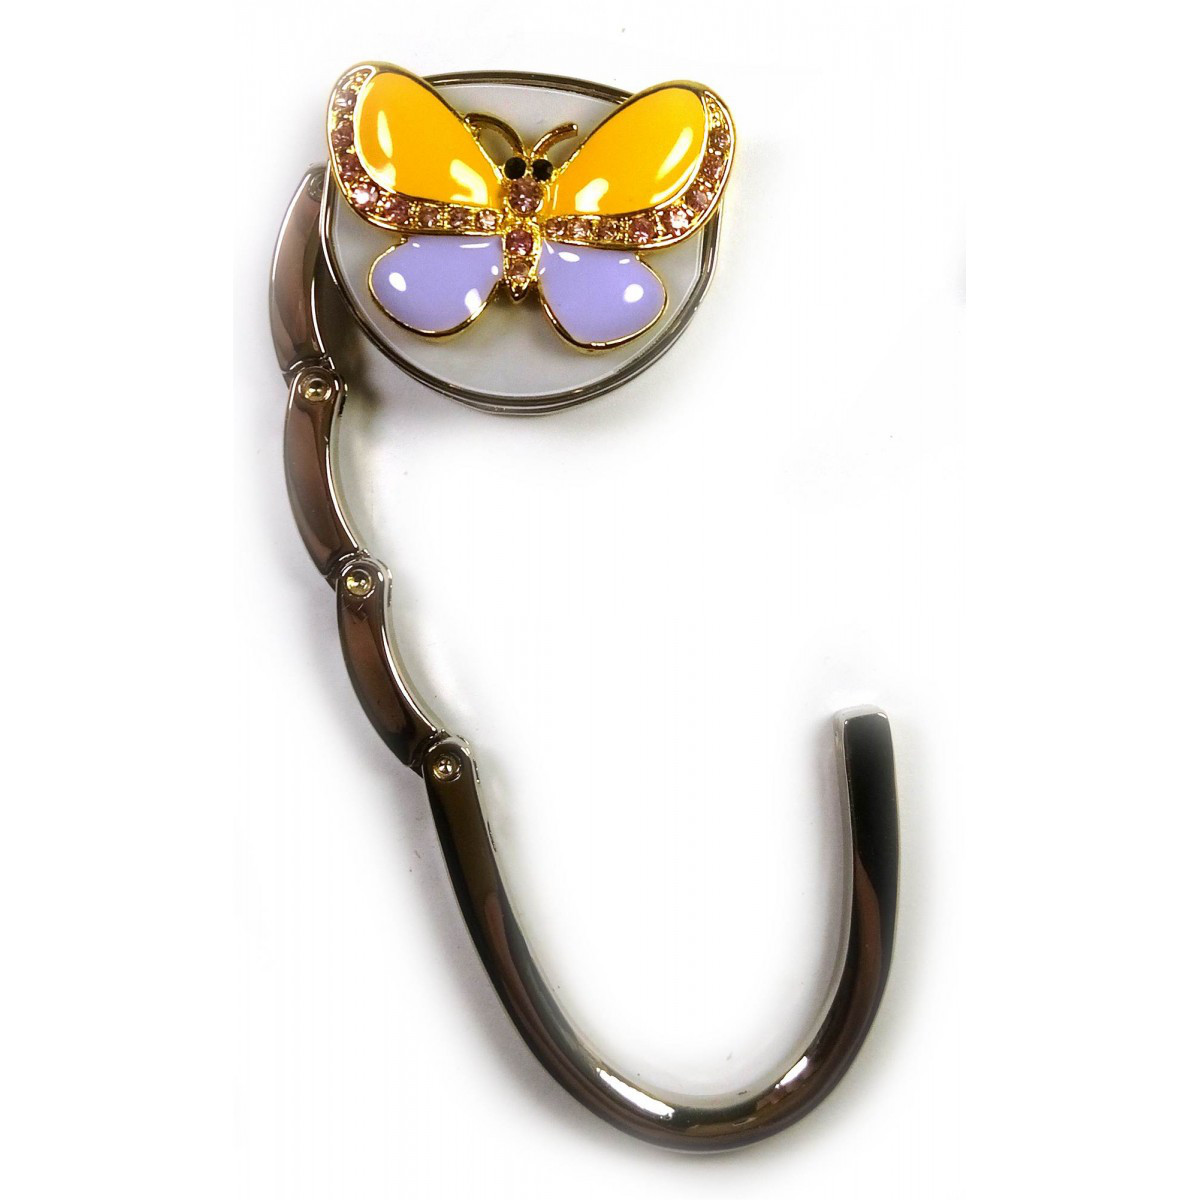 """Сумкодержатель для женской сумочки """"Бабочка-Замок"""" желто-фиолетовый 6,5х4,5х1,5 см"""